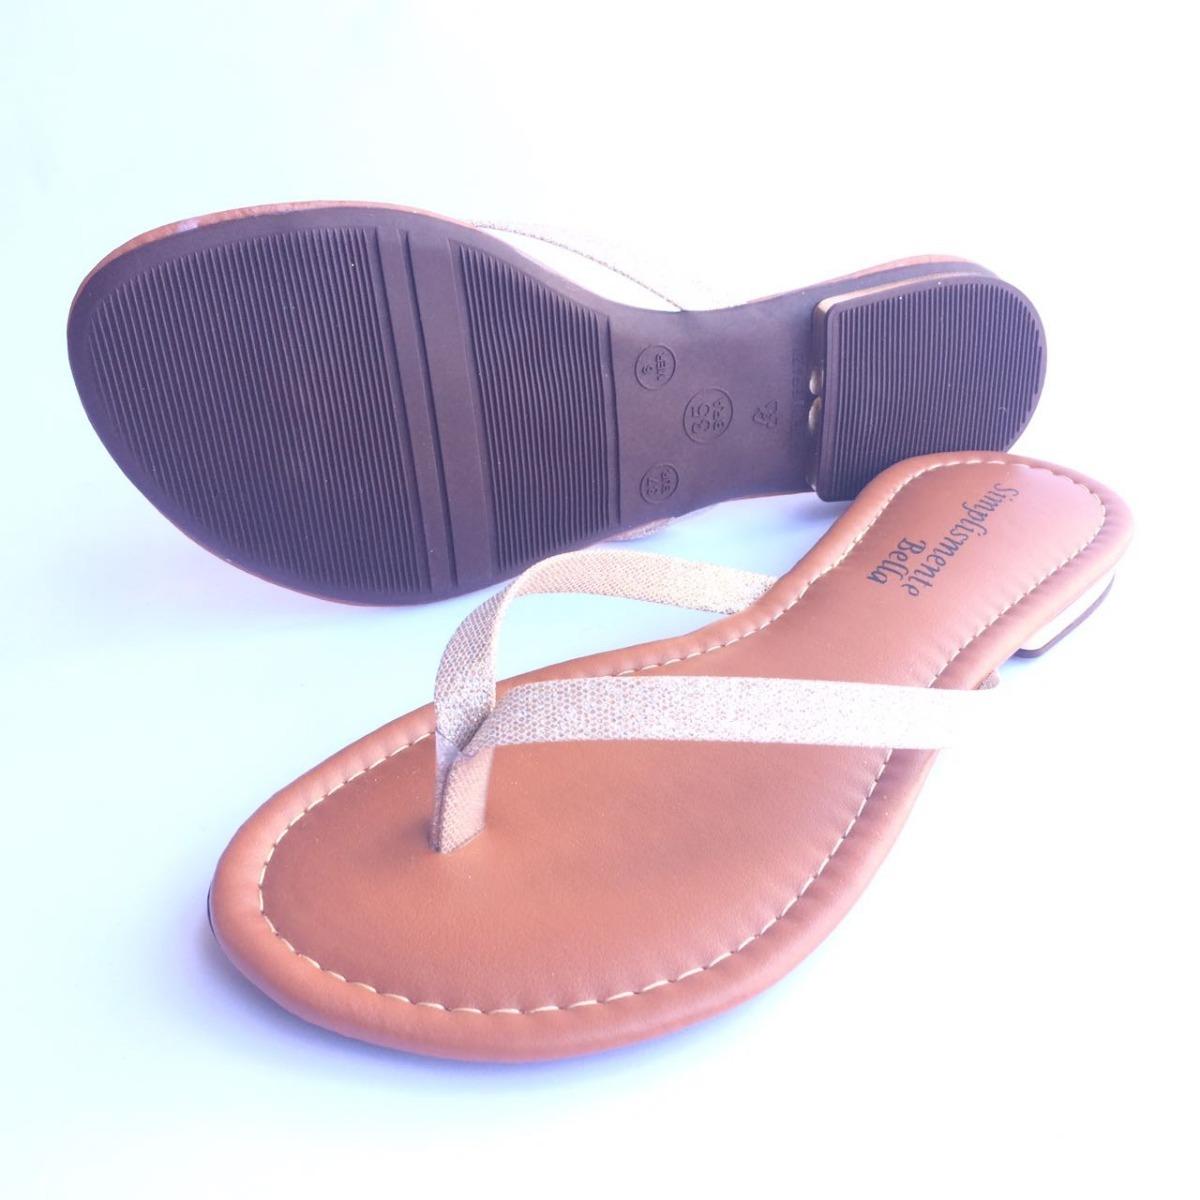 623df3ae60 kit 4 sandália feminina rasteira rasteirinha bella promoção. Carregando  zoom.